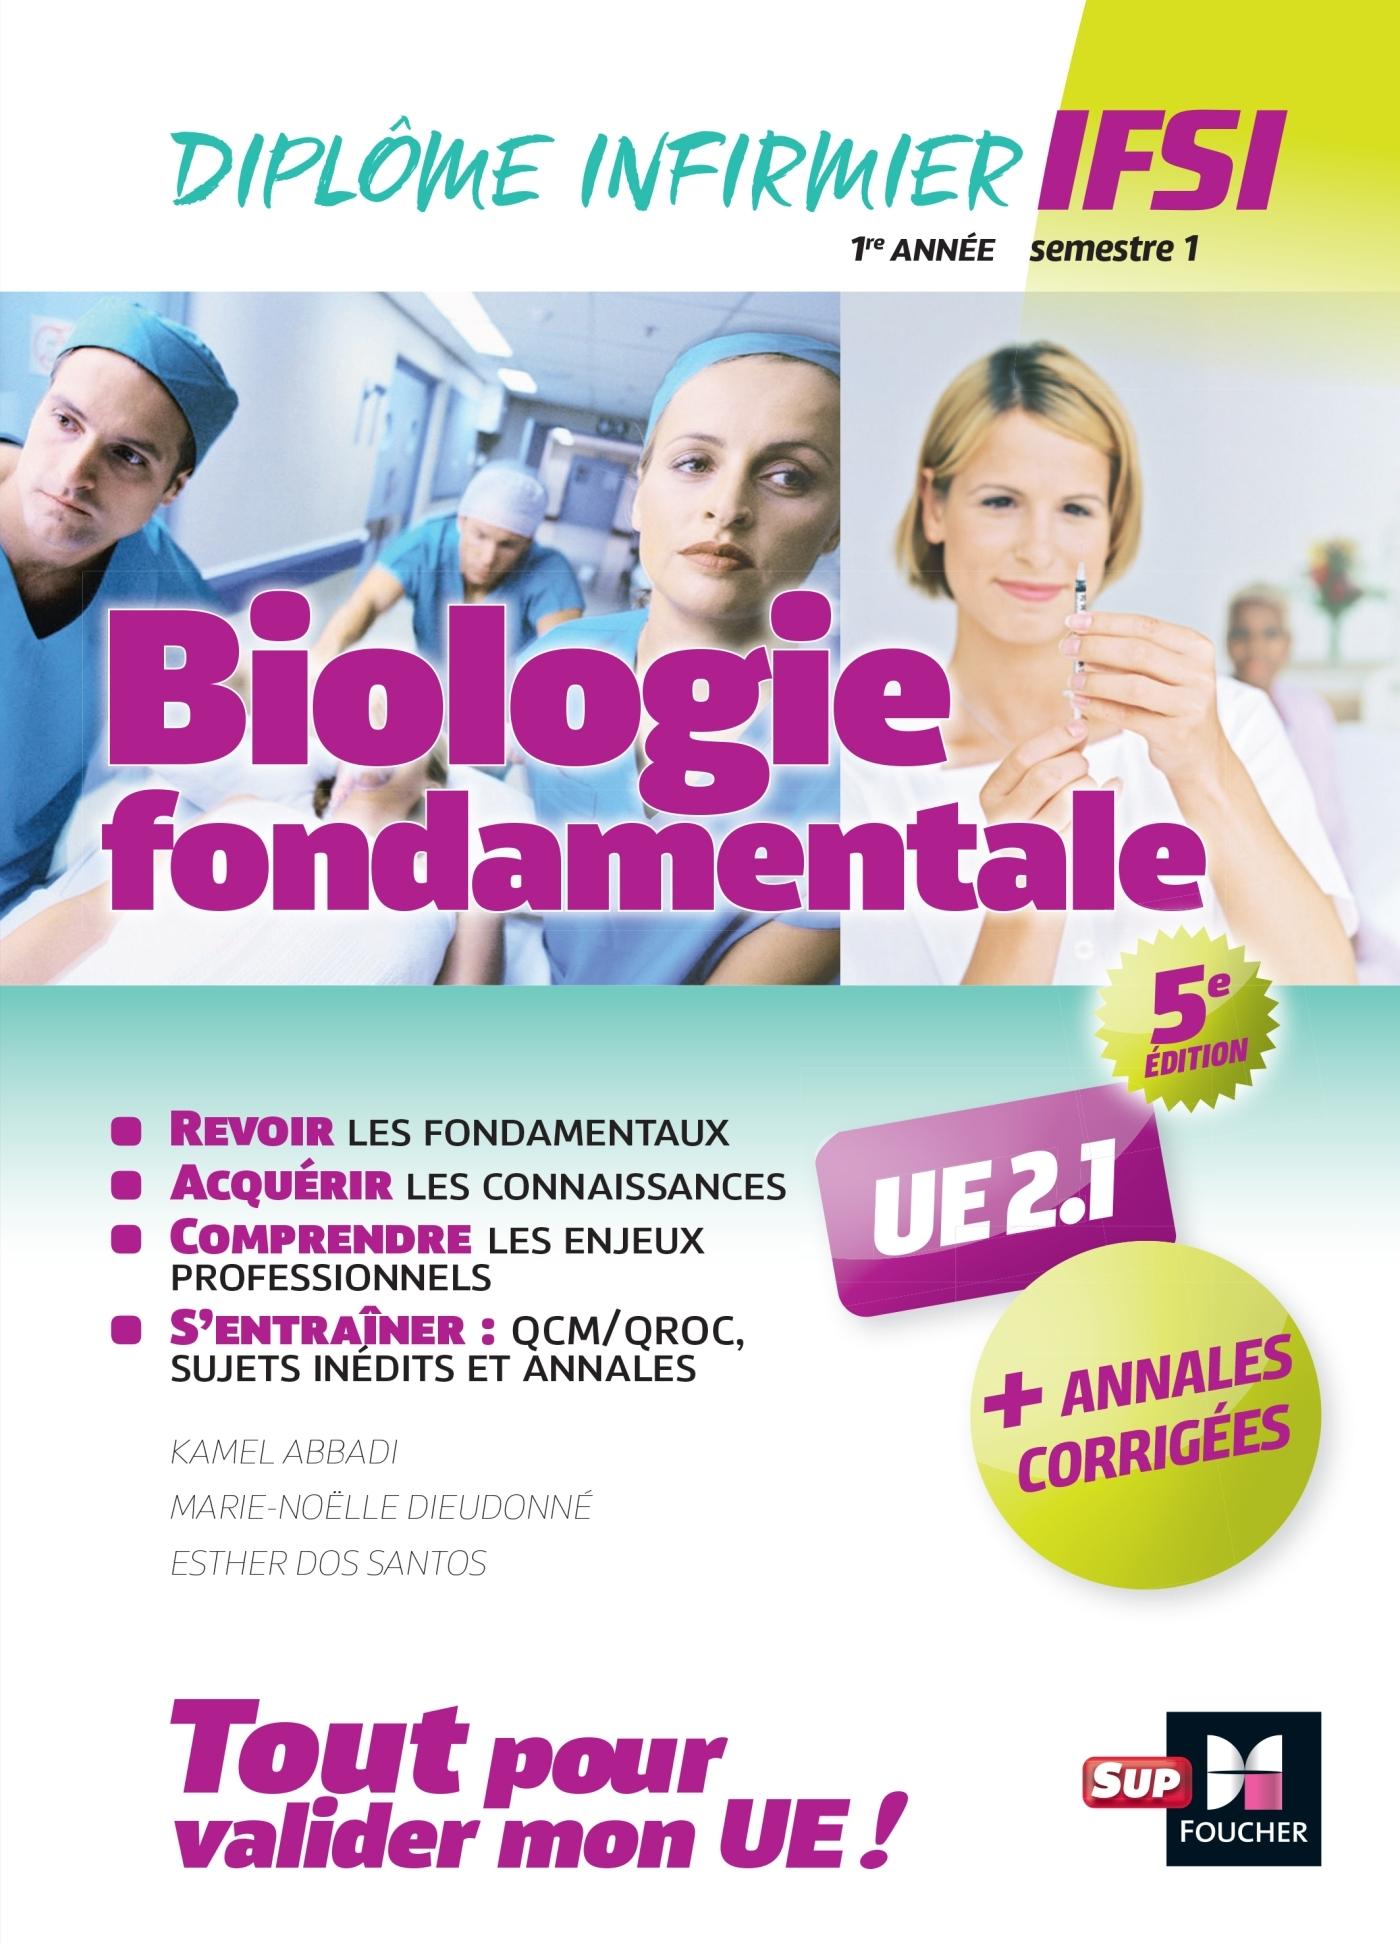 BIOLOGIE FONDAMENTALE UE 2.1 - SEMESTRE 1 - INFIRMIER EN IFSI - DEI - PREPARATION COMPLETE - 5E ED